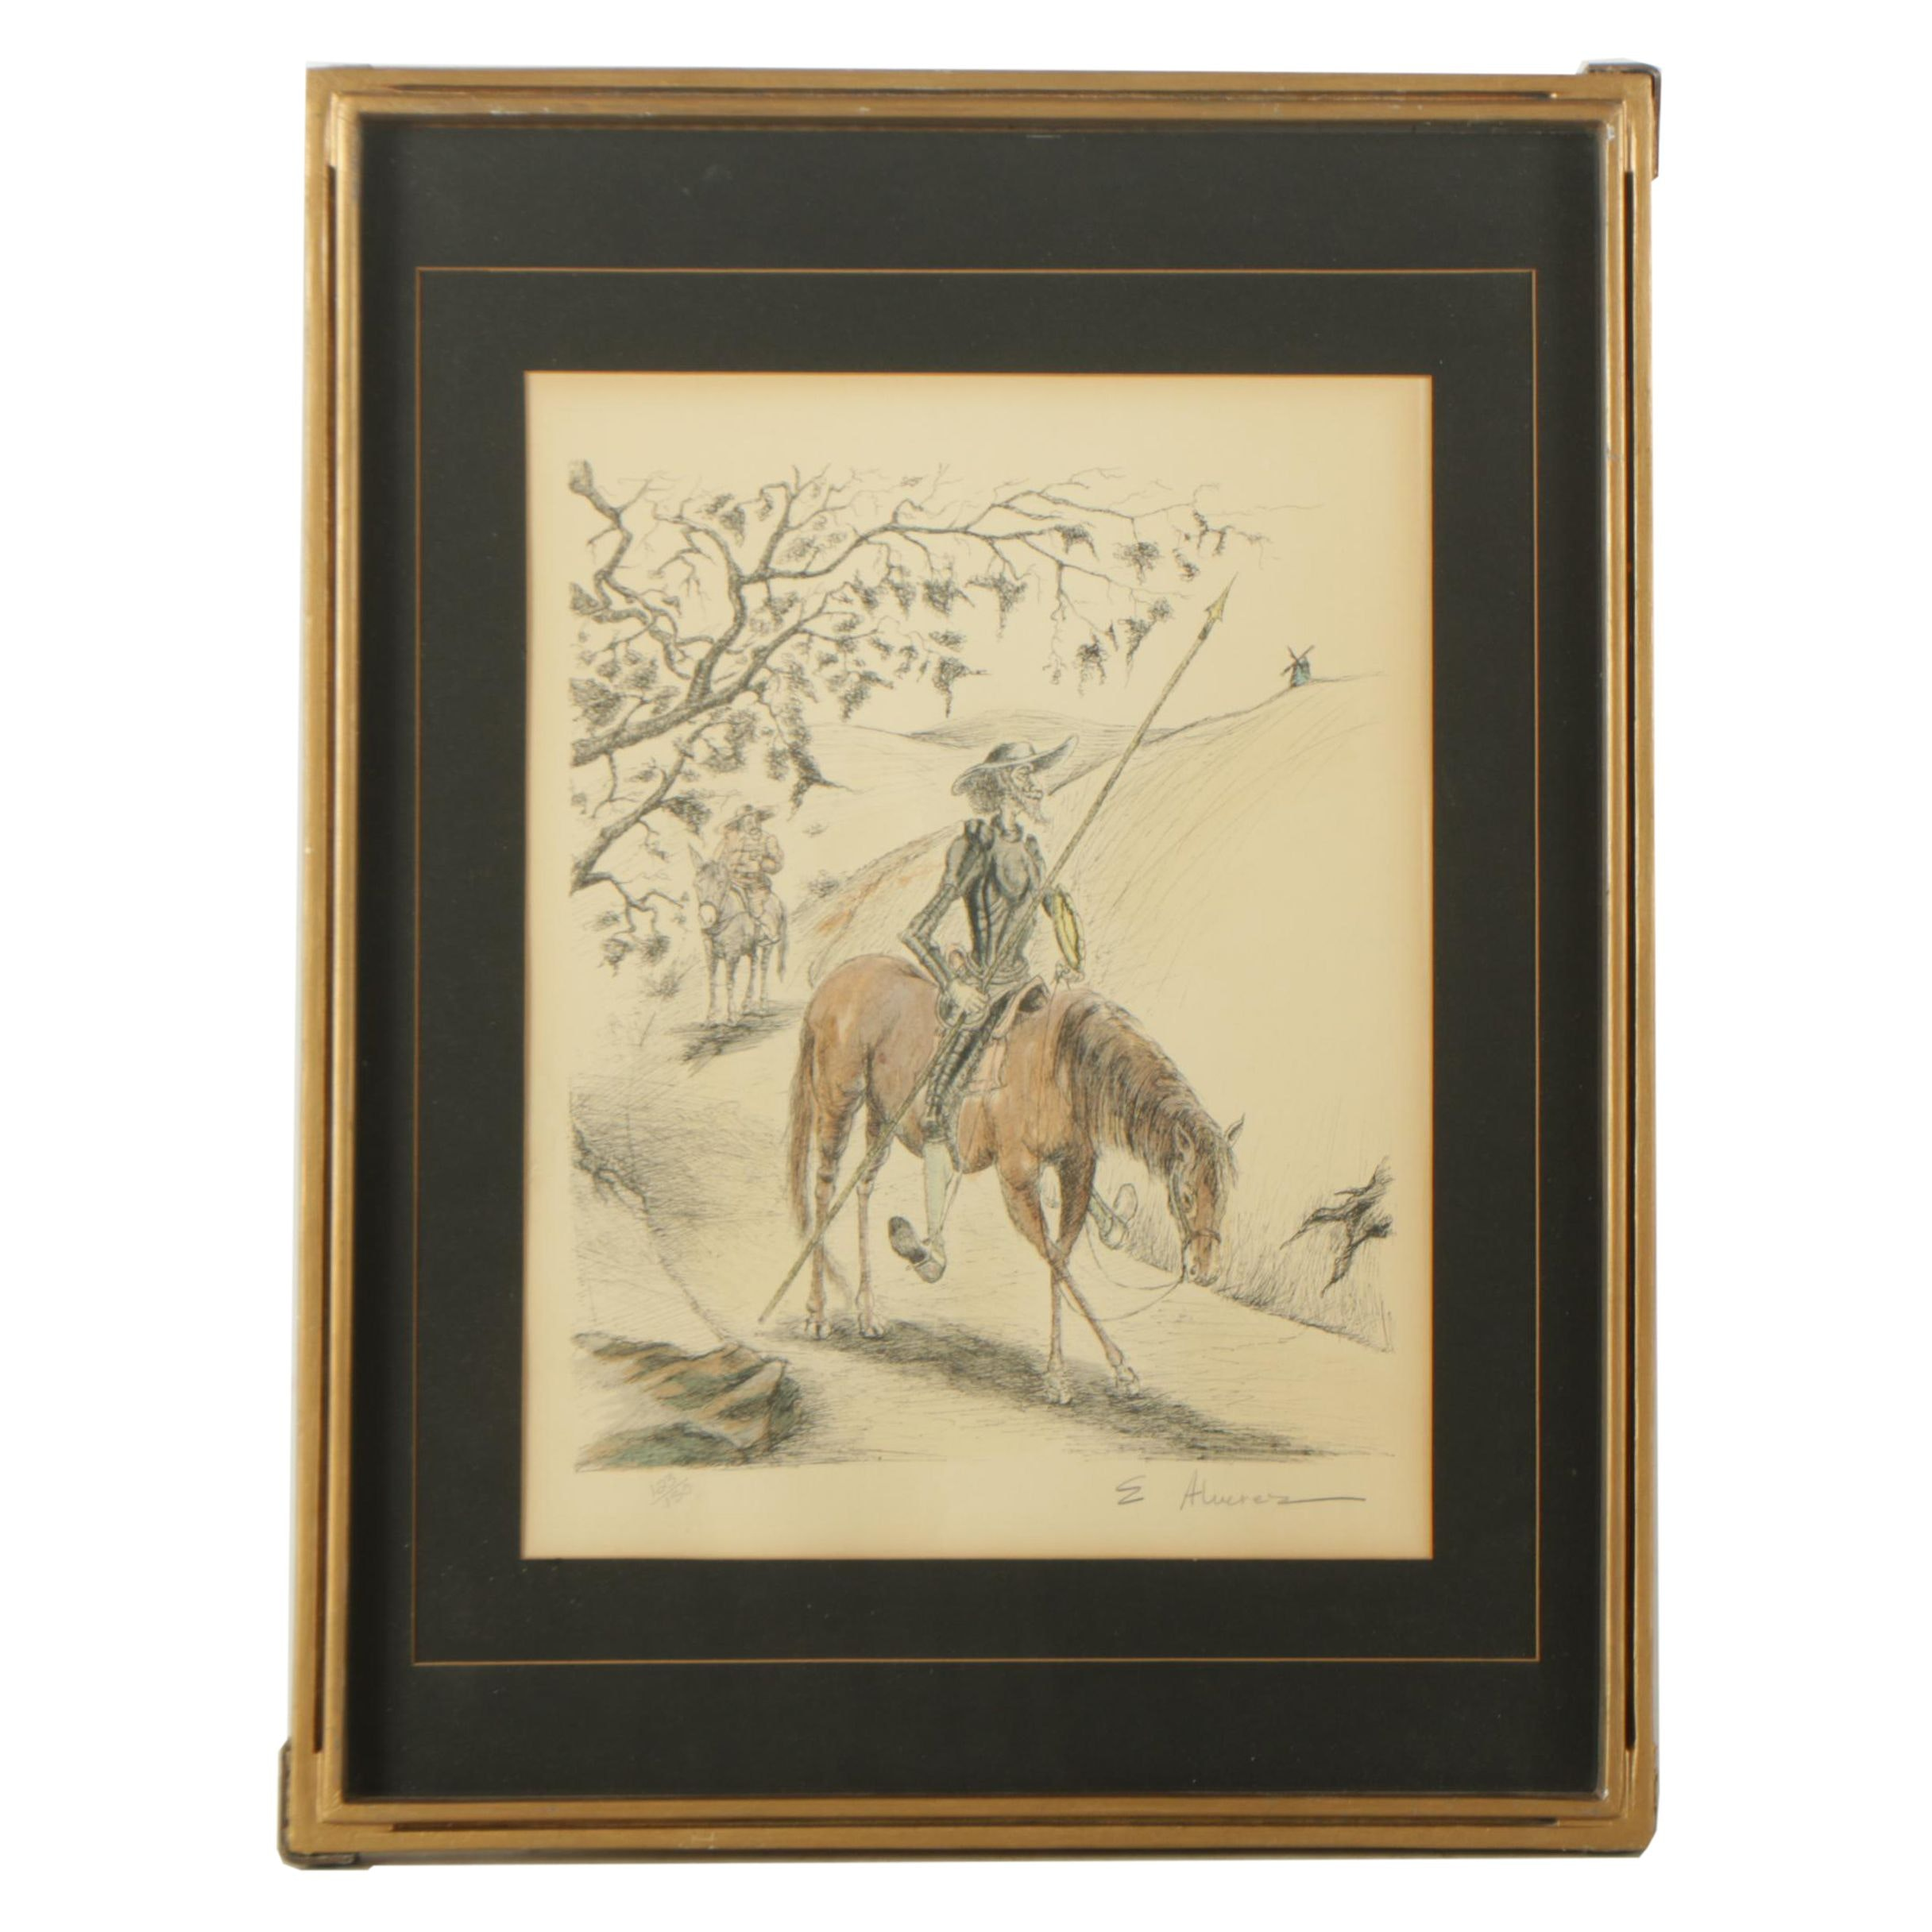 E. Alvarez Signed Limited Edition Lithograph of Don Quixote